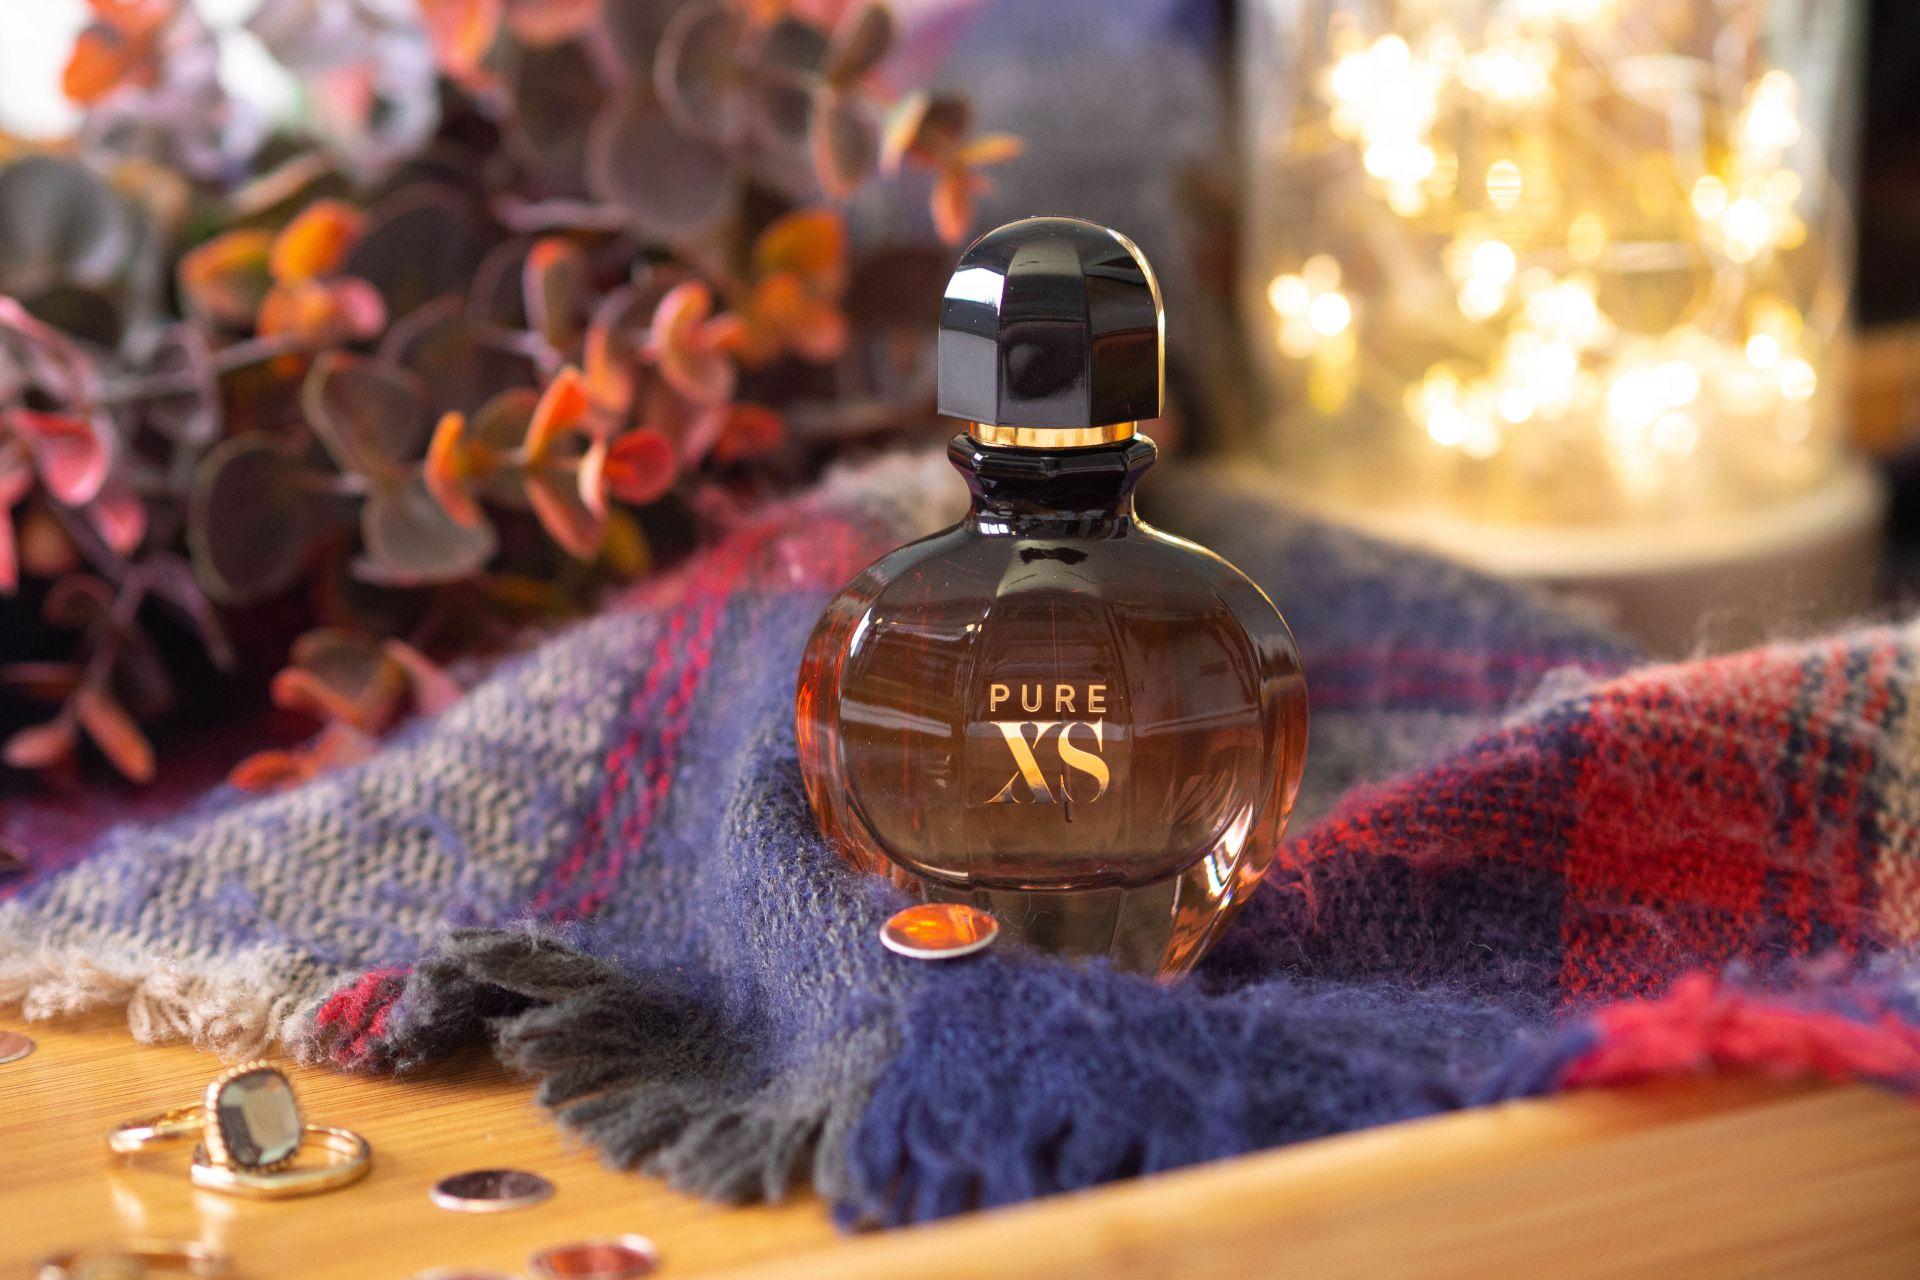 Paco Rabanne Pure XS For Her Eau de Parfum